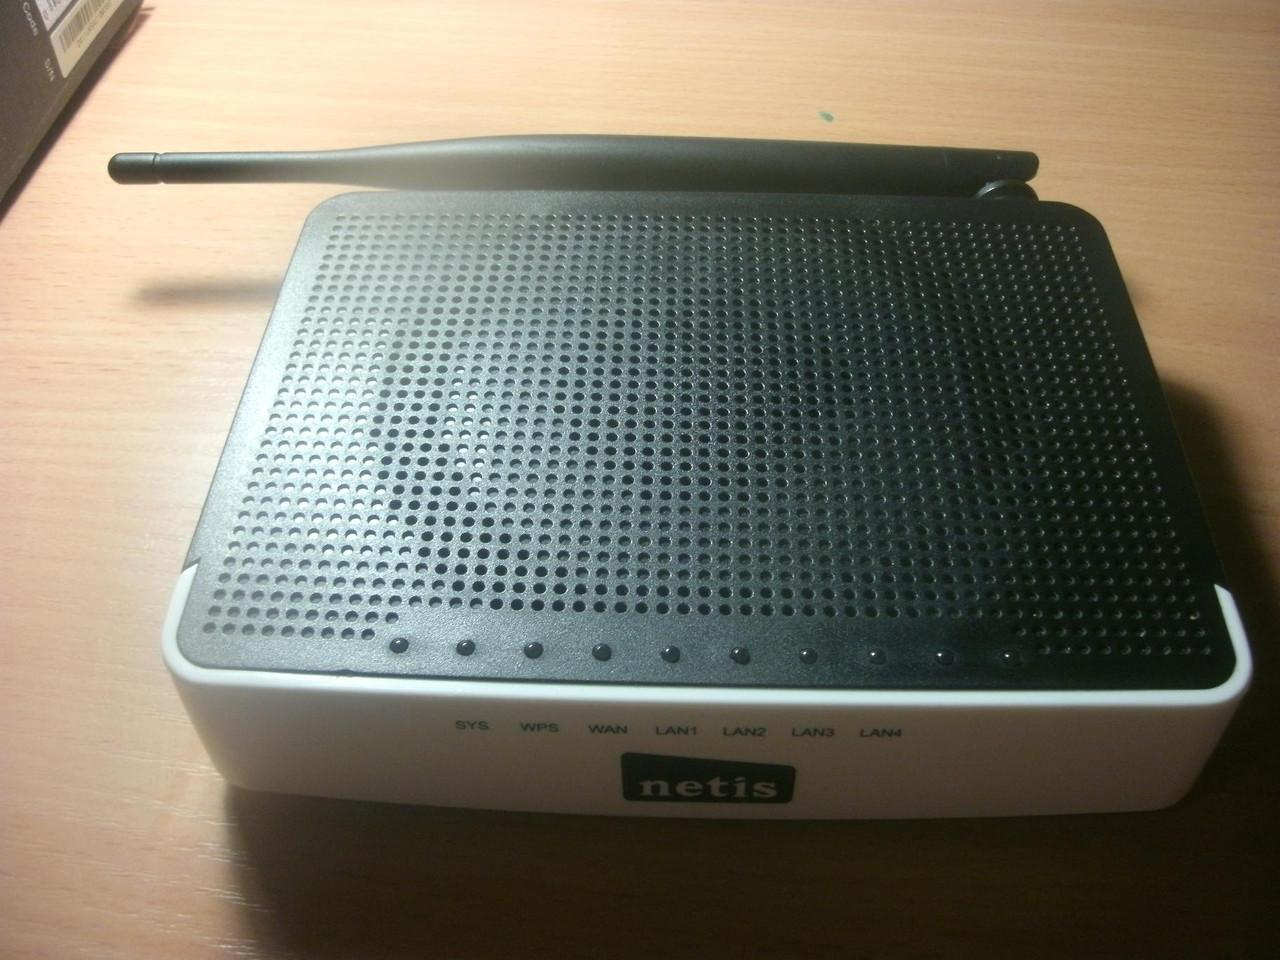 WI-FI Роутер NETIS WF2411